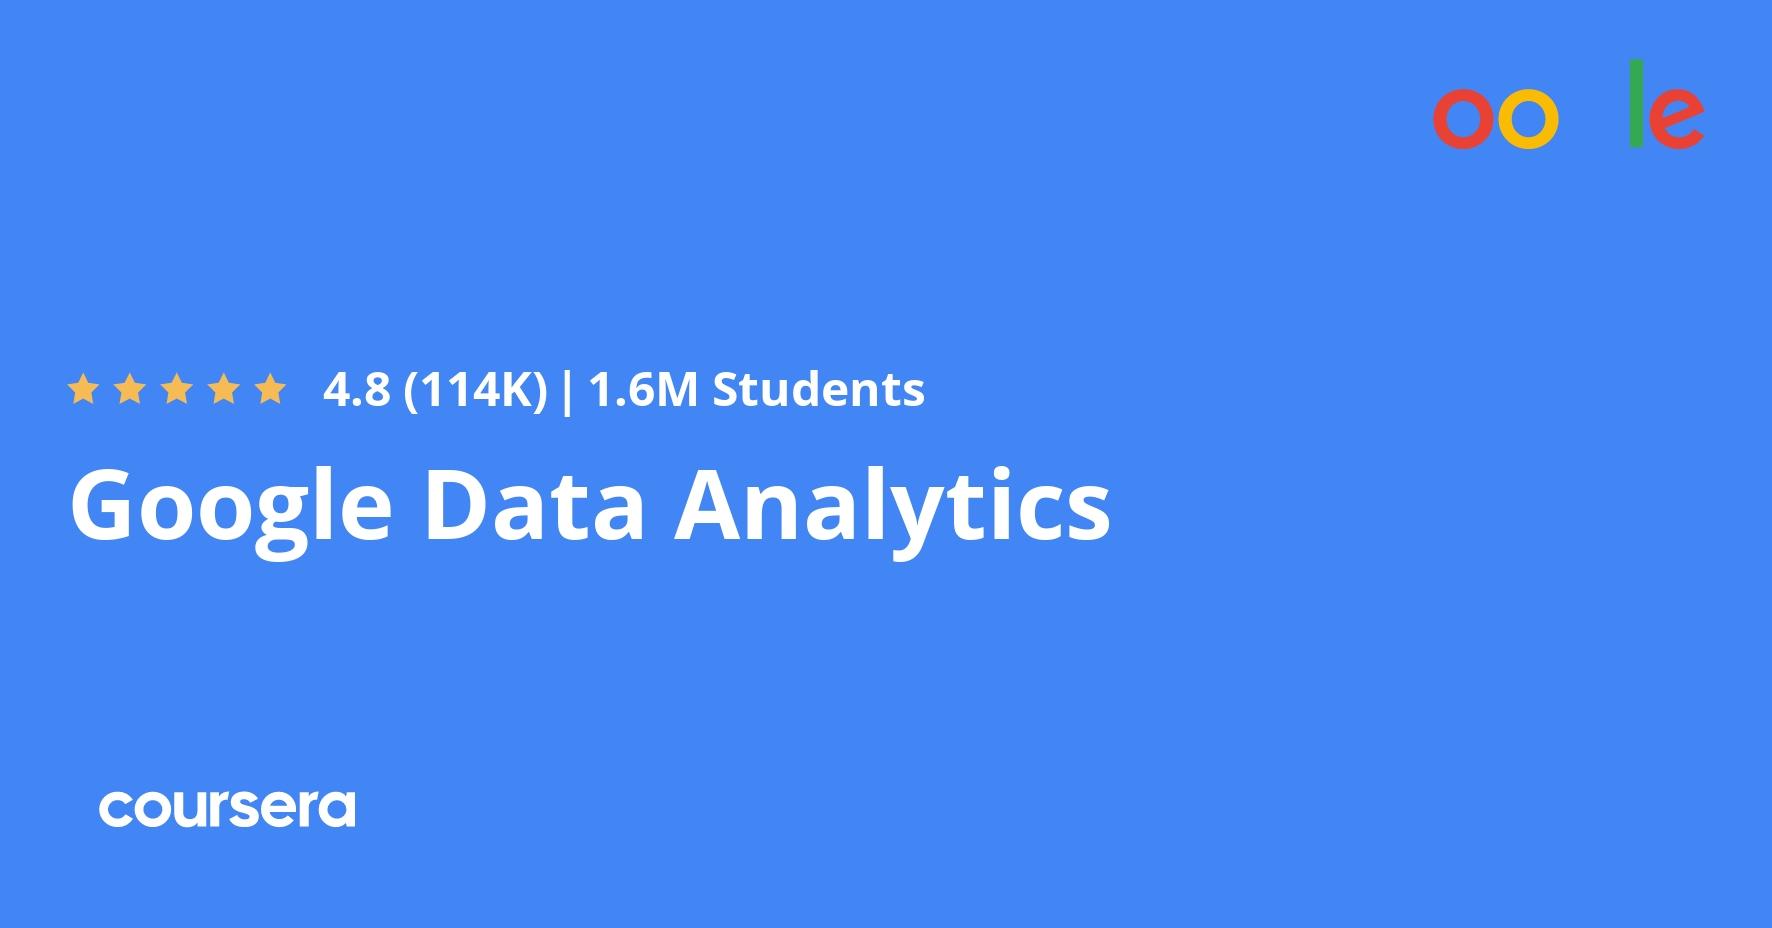 Google Data Analytics